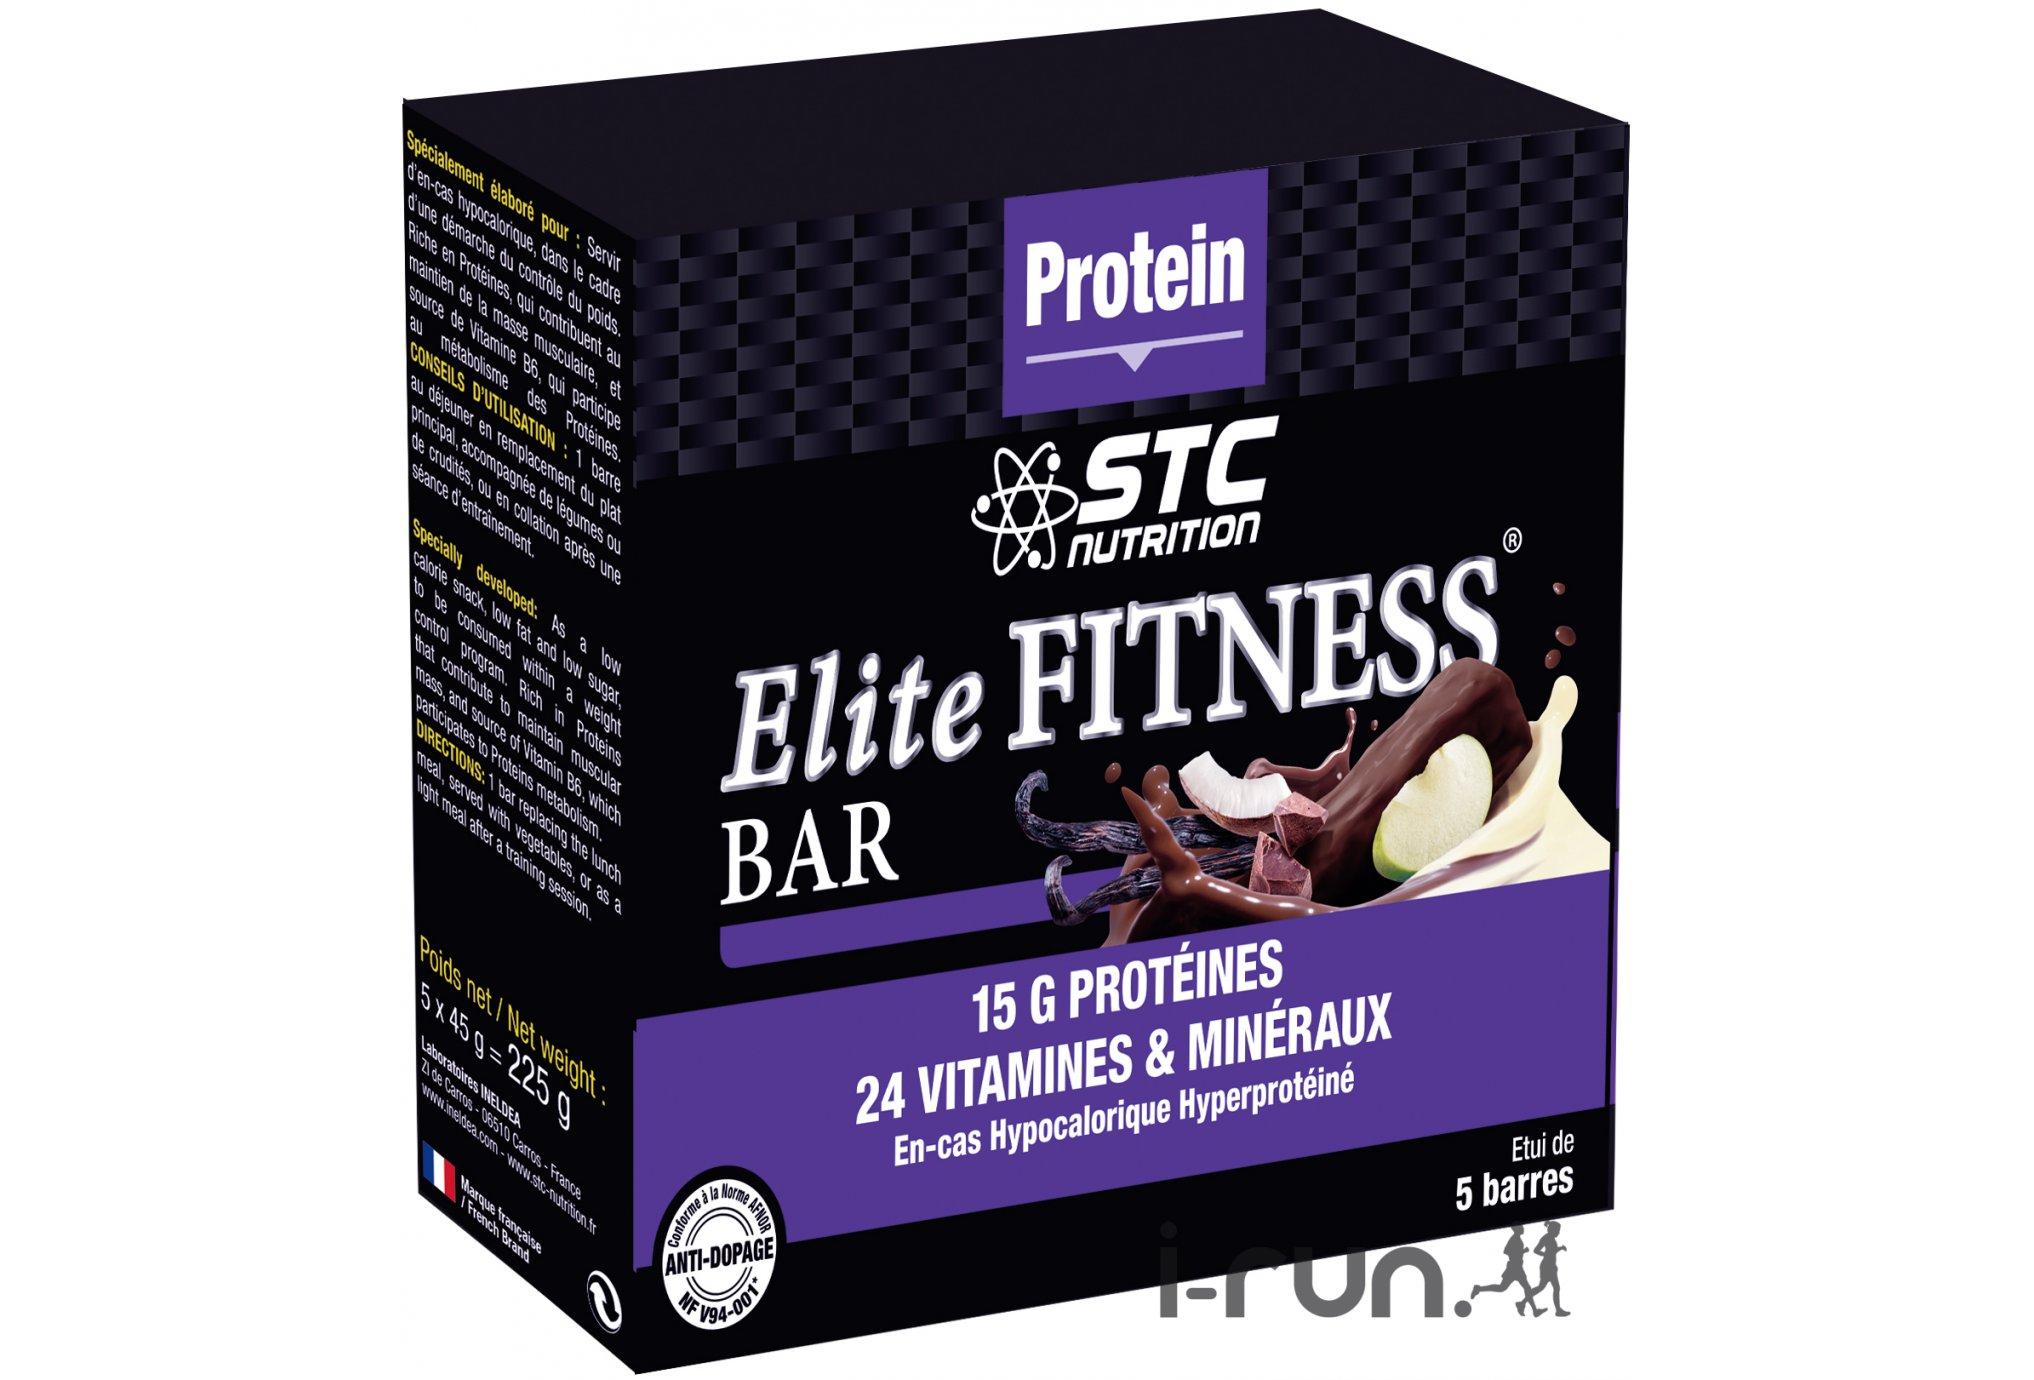 STC Nutrition Estuche de 5 barras energéticas Elite Fitness Nuez de coco Diététique Barres